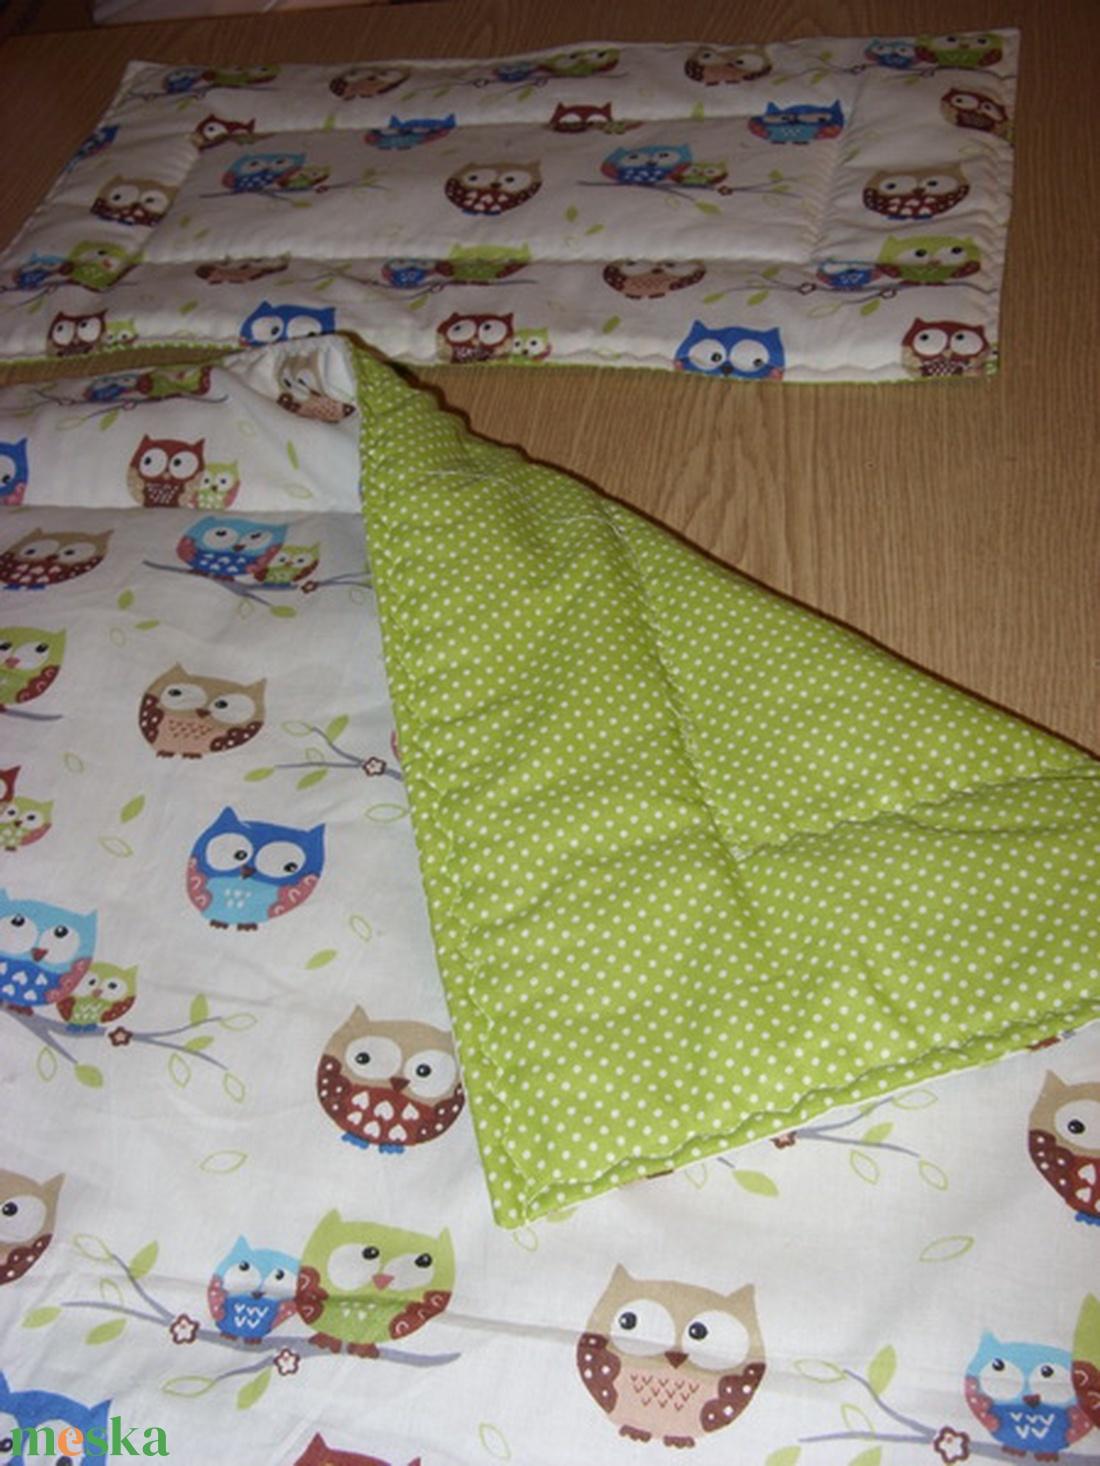 Baba látogatásra is -Bébi 1 ágynemű szett választható design textilekből - otthon & lakás - lakástextil - szett kiságyba - Meska.hu